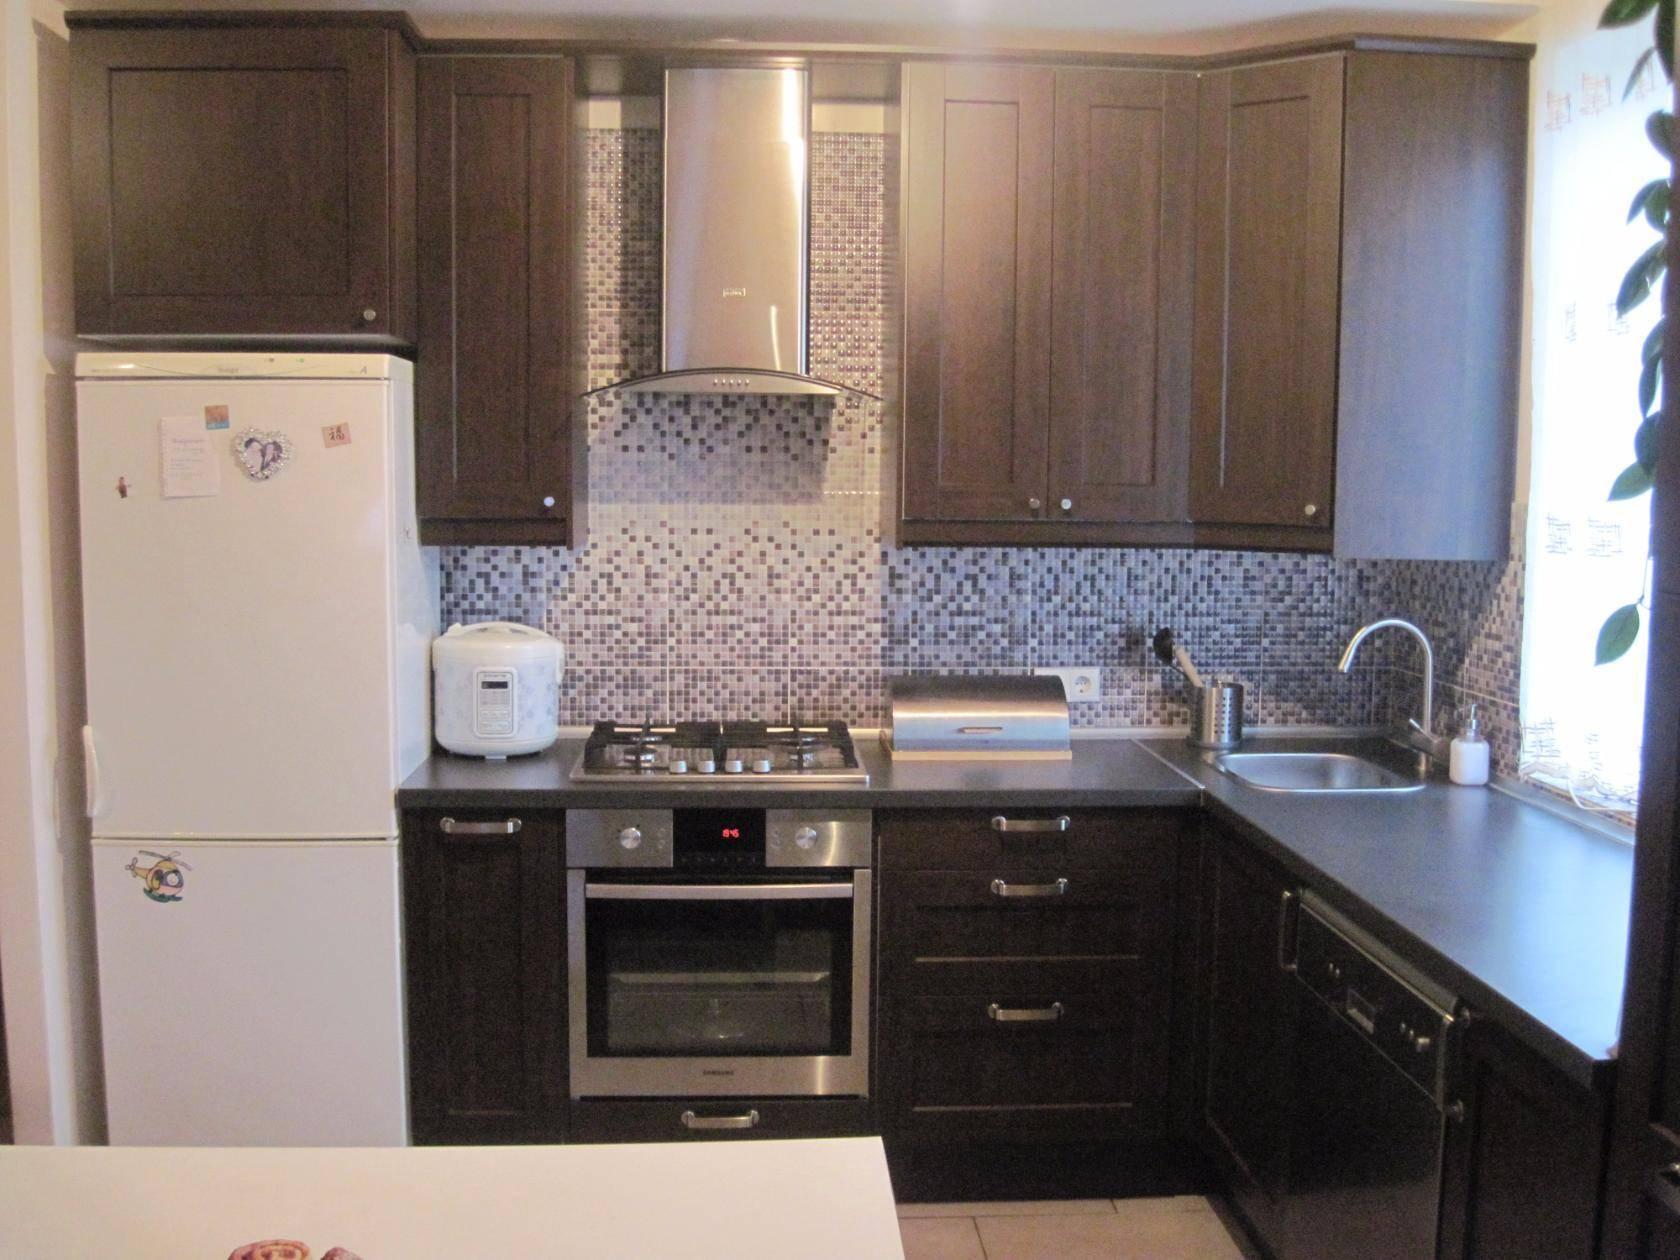 Темная кухня: черный пол или гарнитур в современном интерьере, серые тона и сочетания